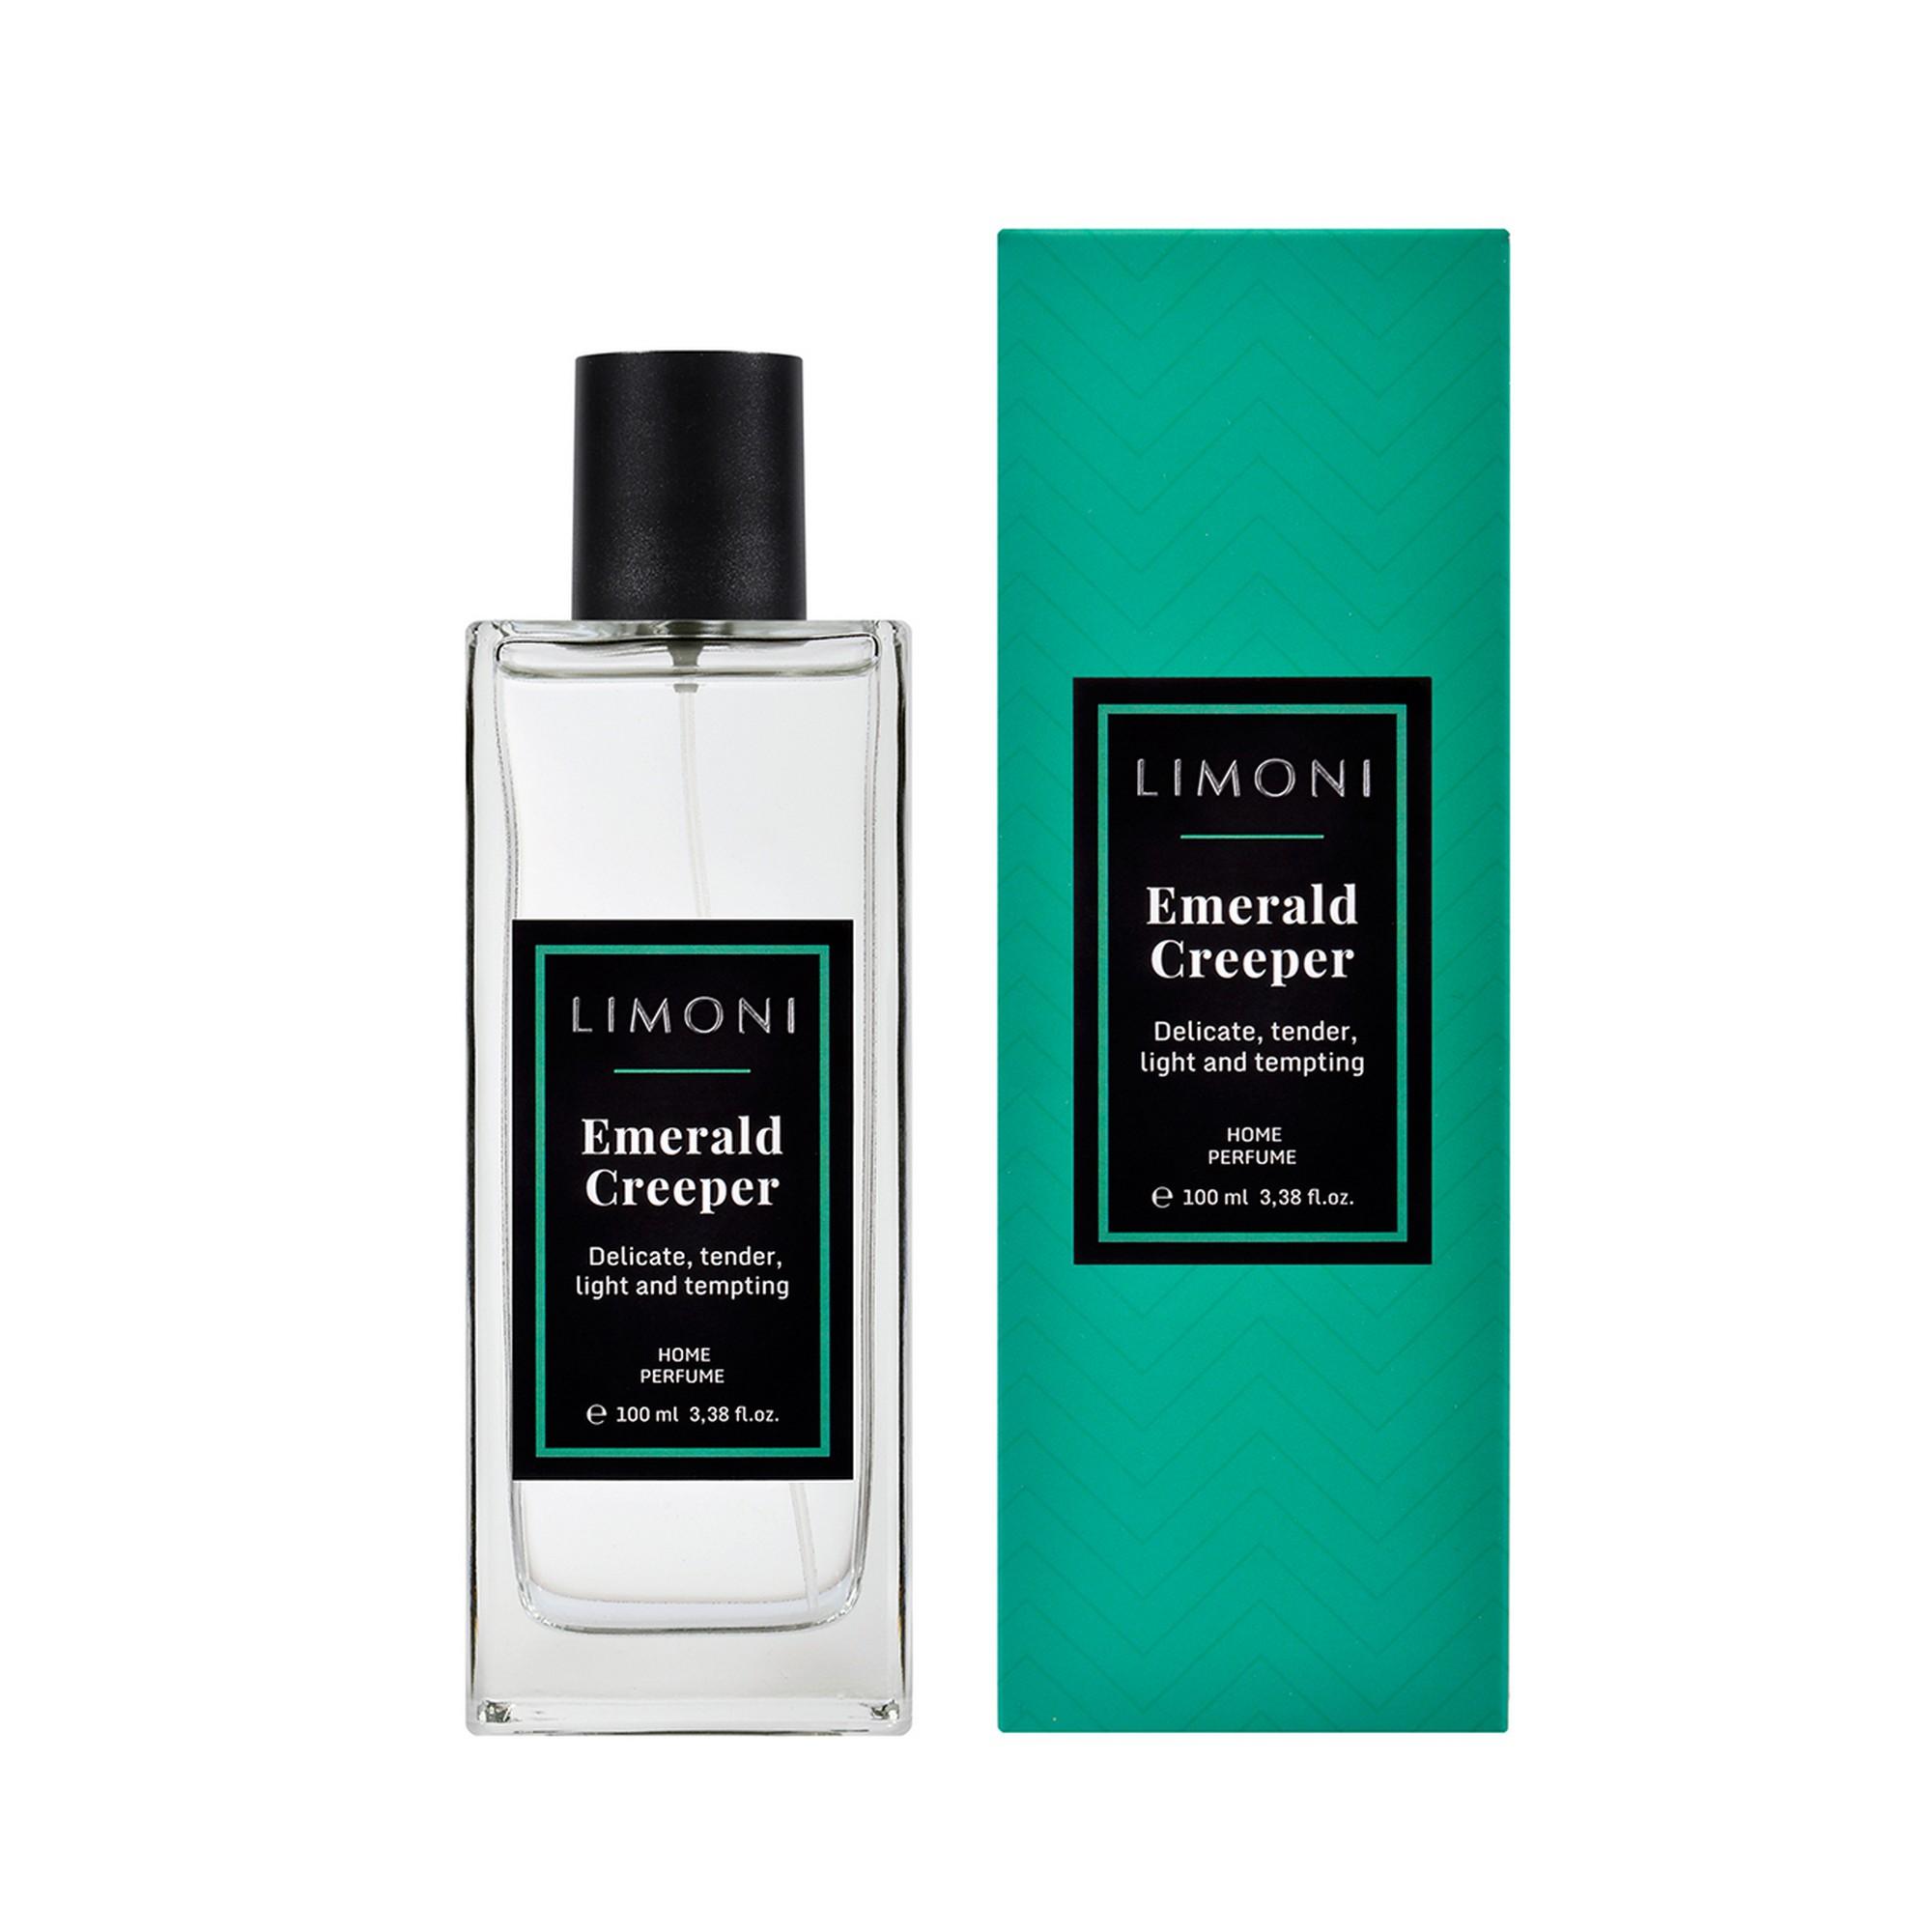 LIMONI Вода парфюмерная Изумрудная Лиана / LIMONI Emerald Creeper, 100 мл от Галерея Косметики